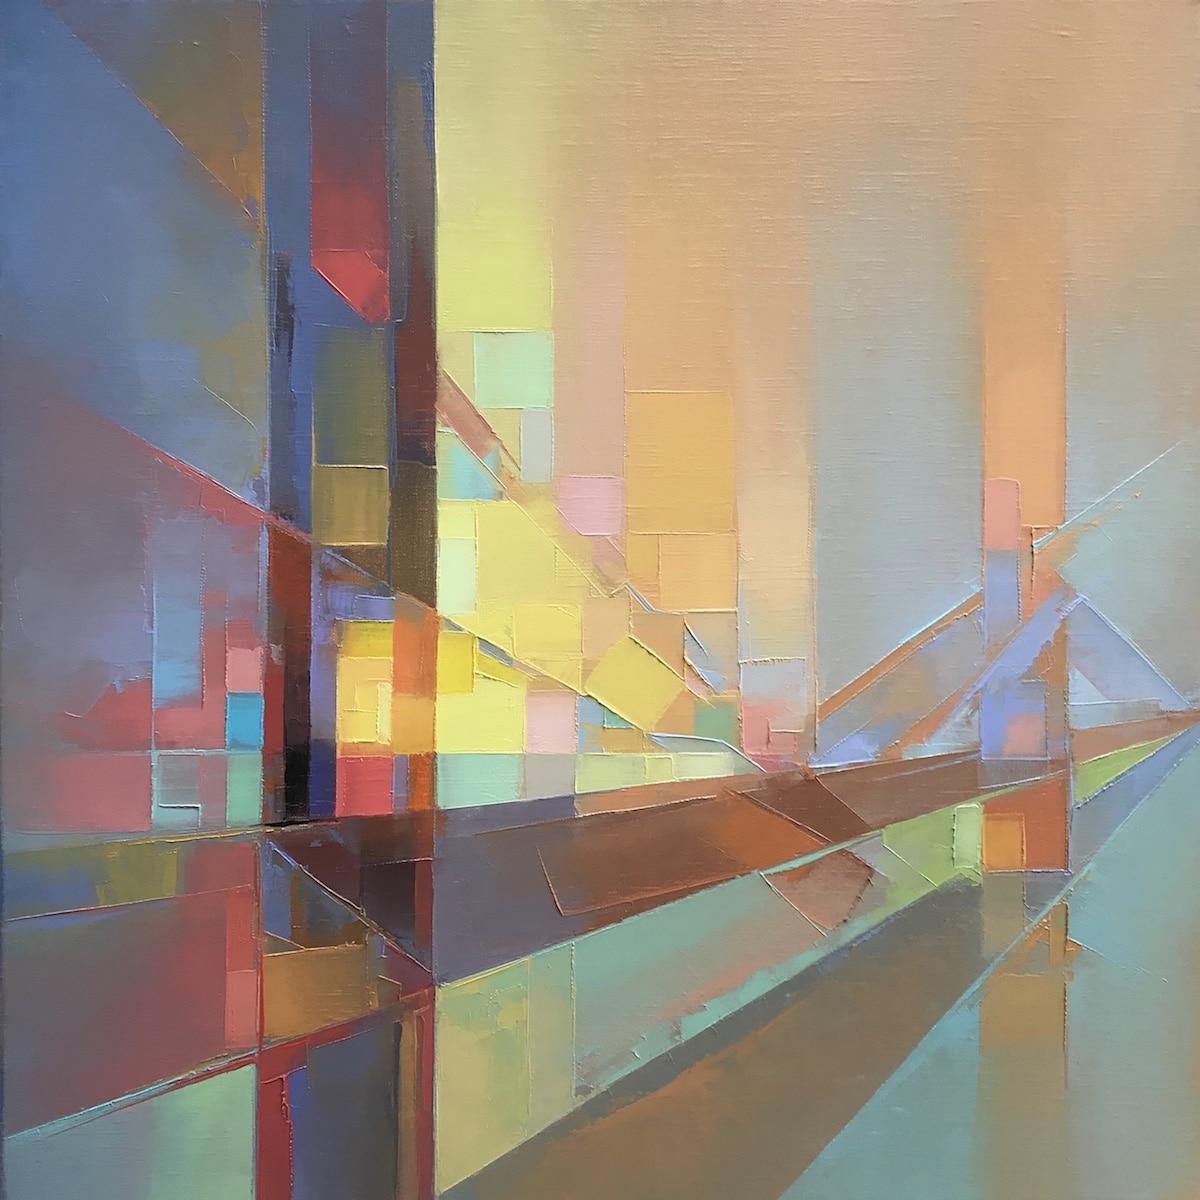 Paisajes abstractos de impasto por Jason Anderson